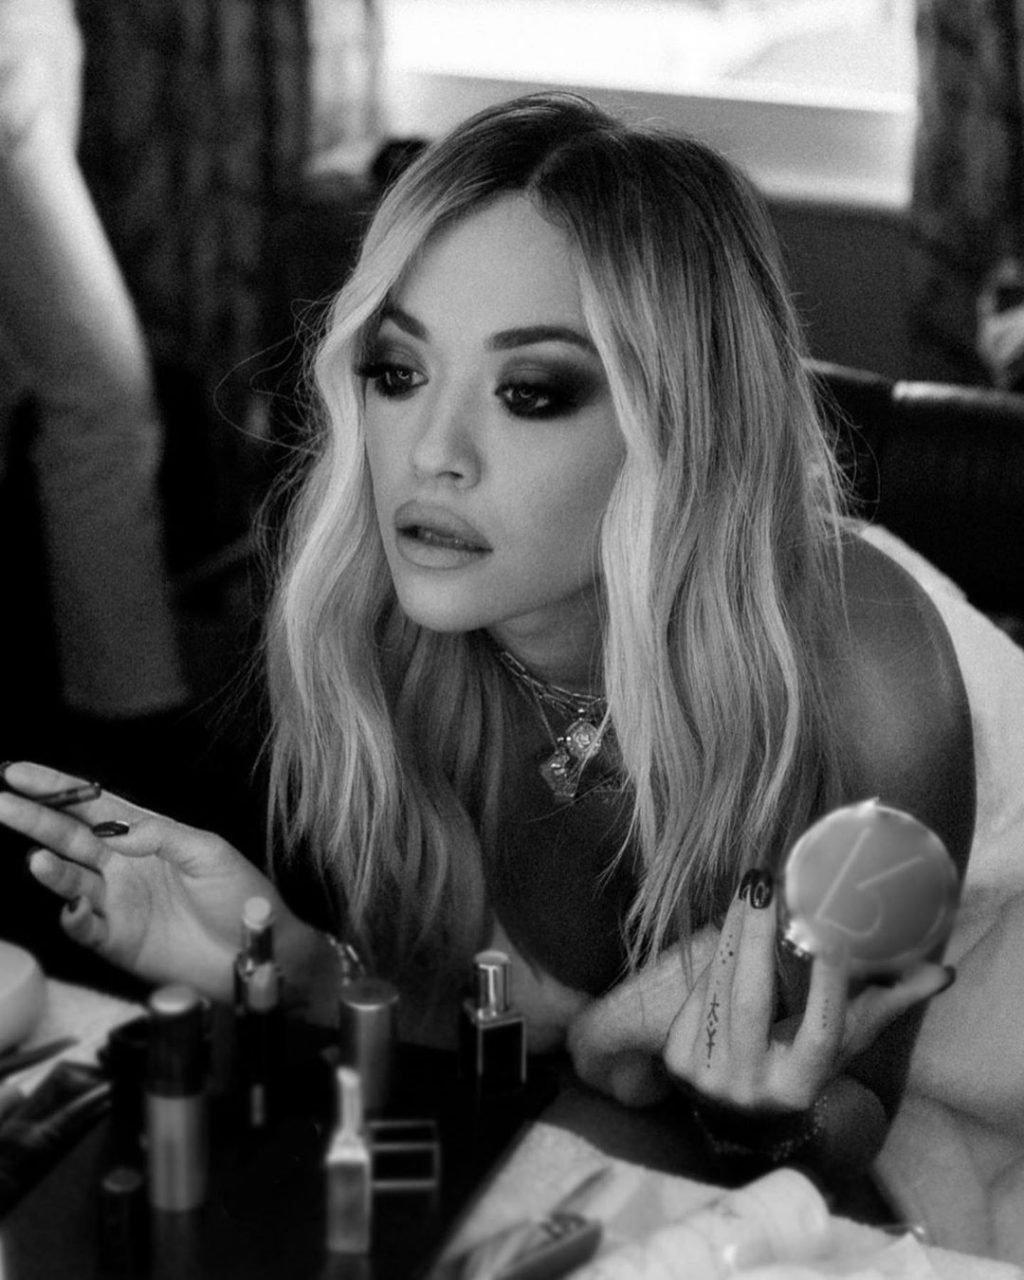 Rita Ora (8 Hot Photos)